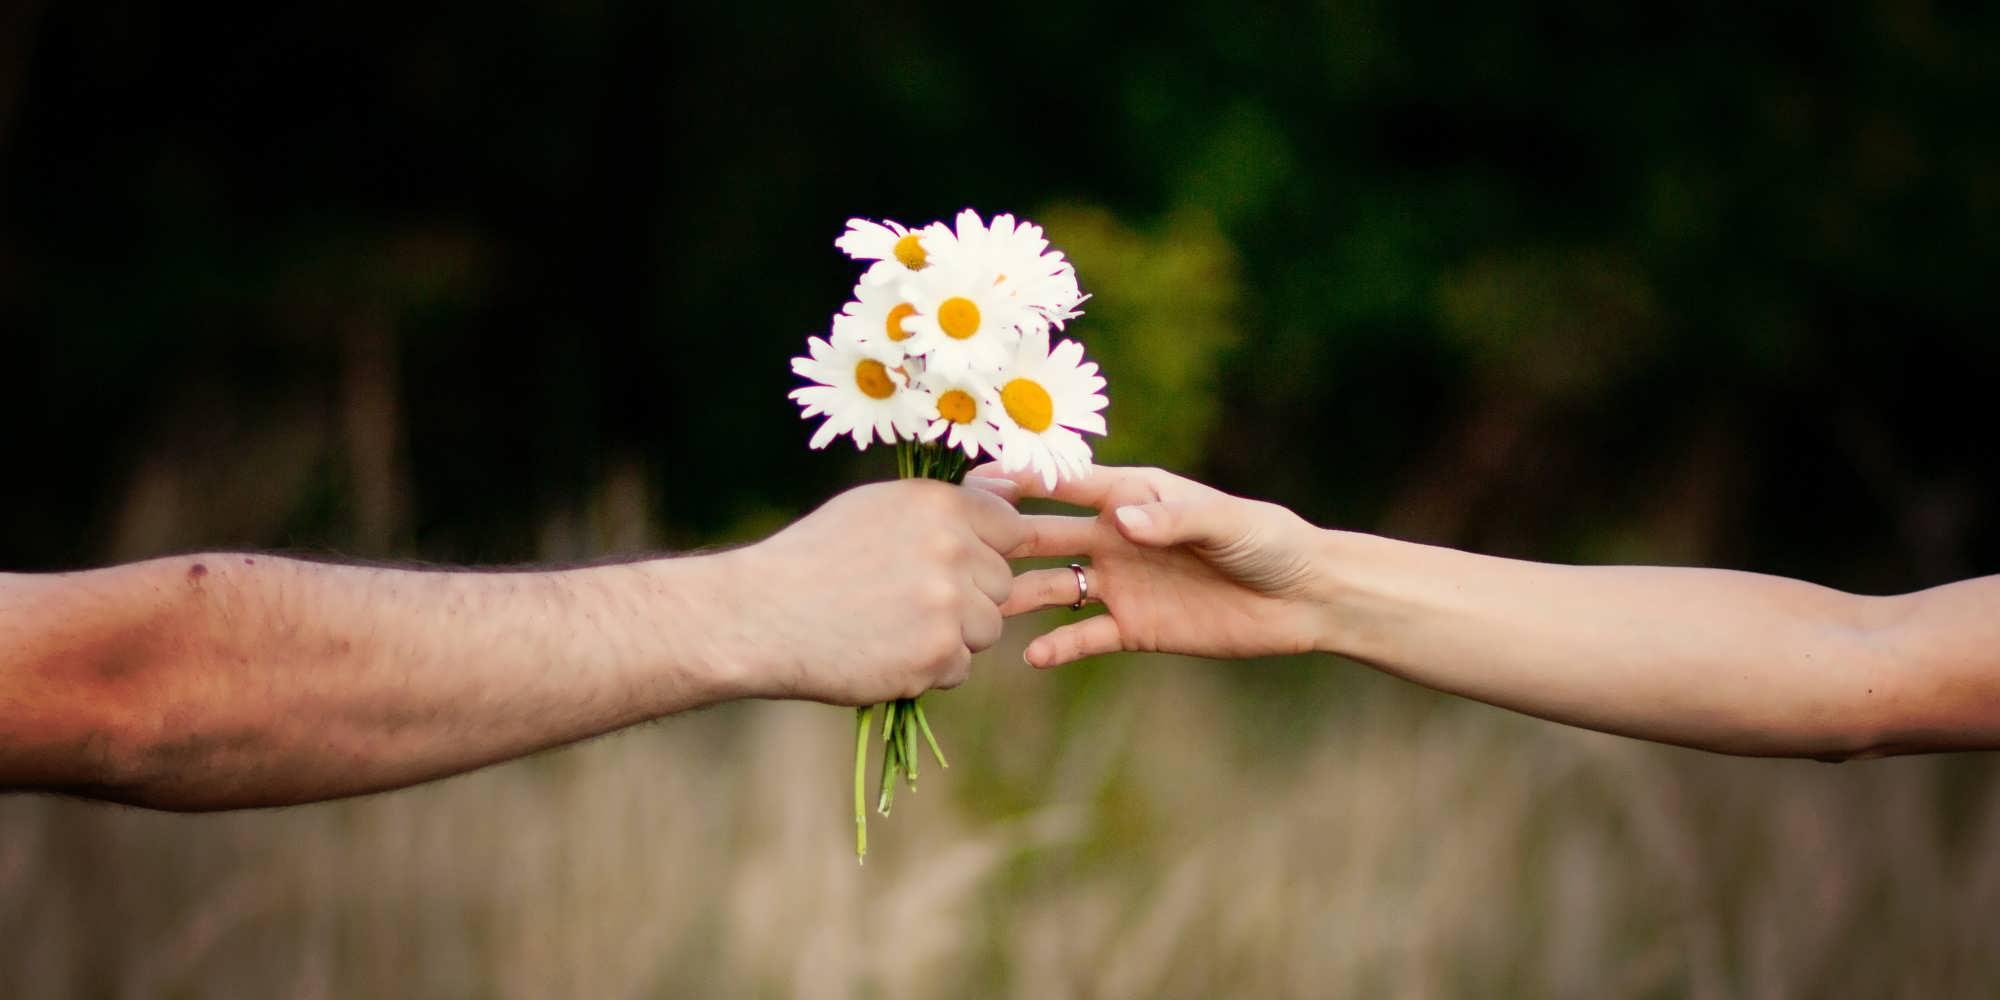 اهداف و انگیزه های کاذب برای ازدواج